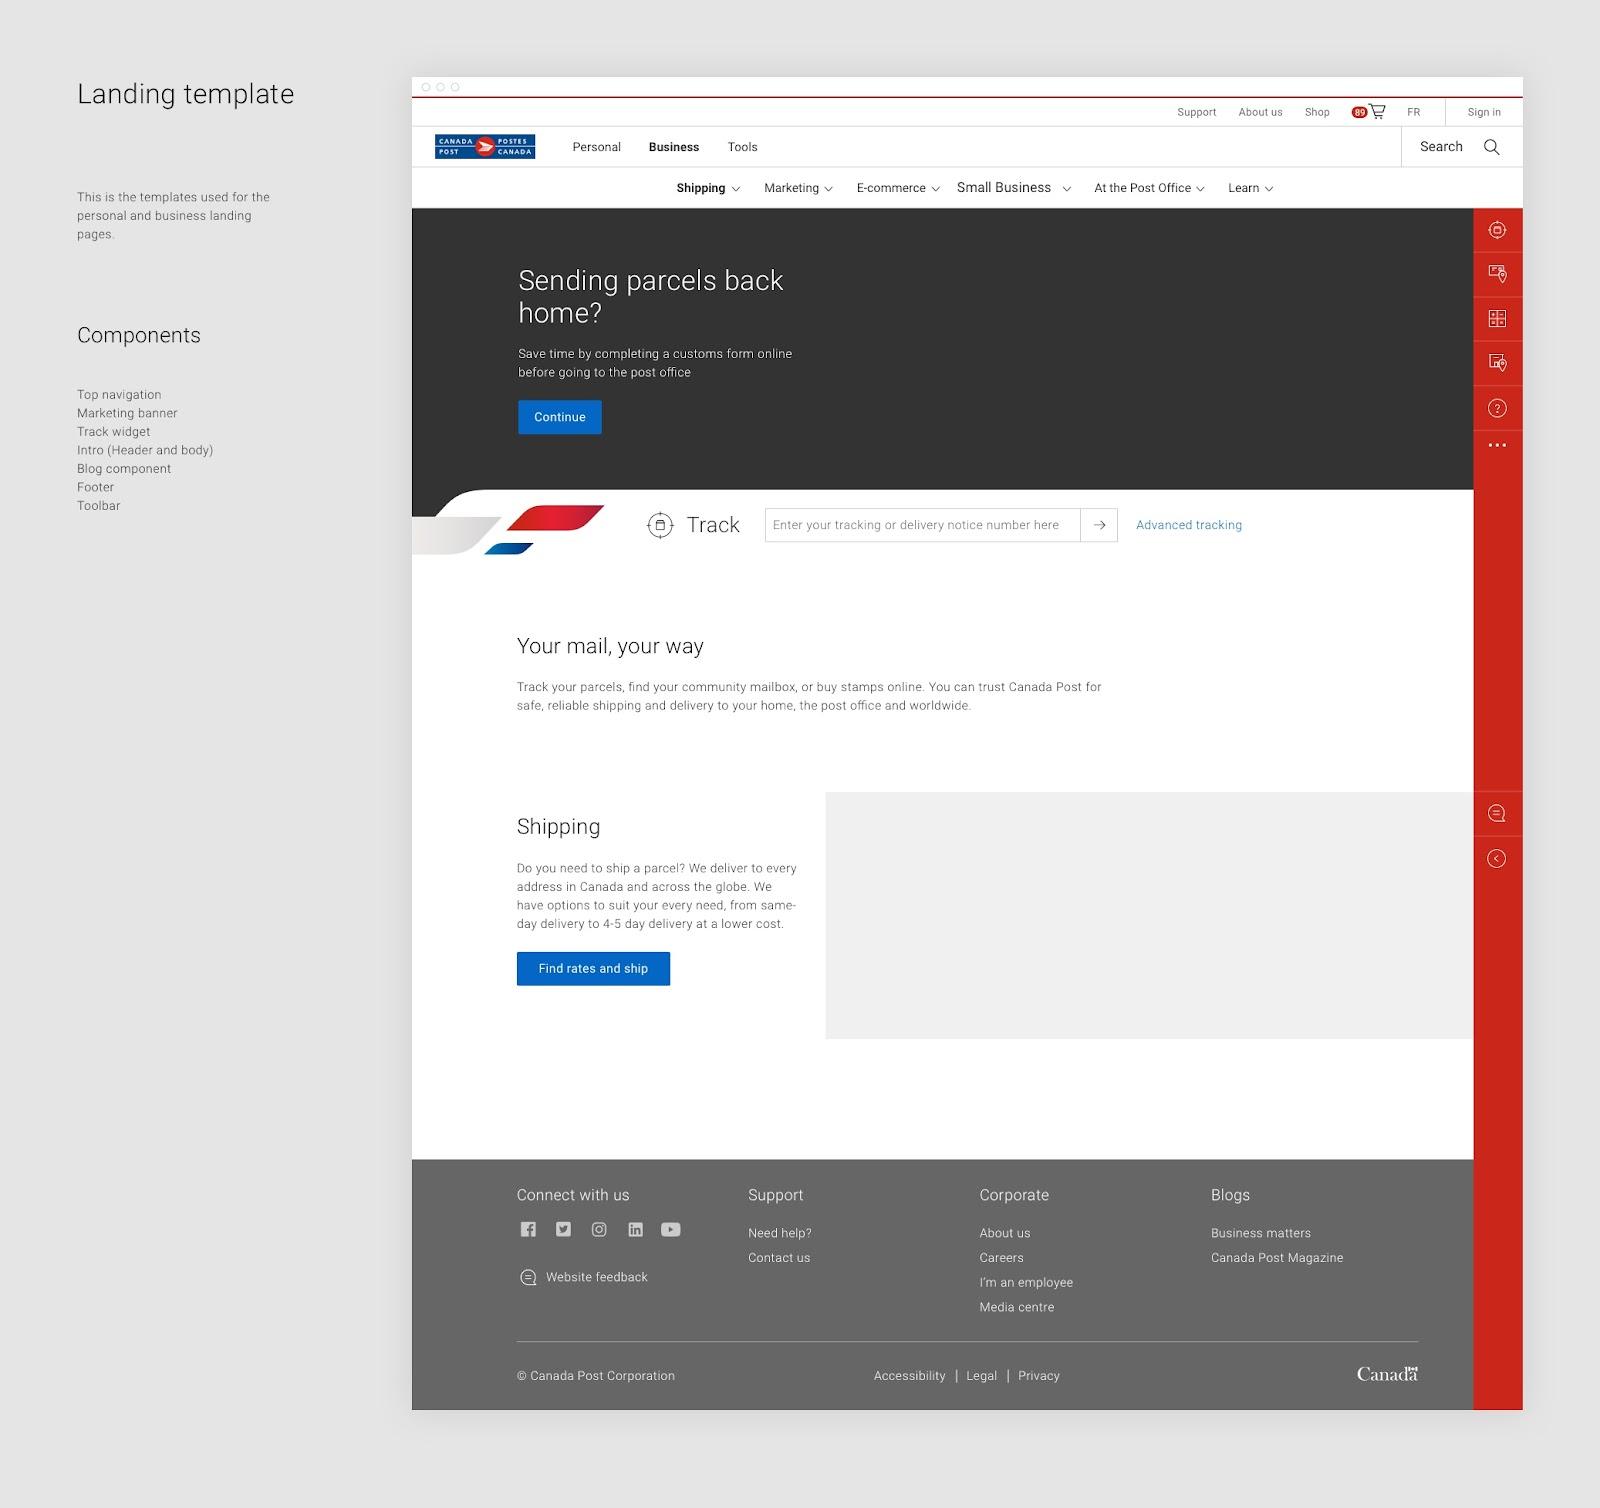 カナダポストのデザインキットには、テンプレートと各テンプレートで使用できるコンポーネントの使用例が含まれます。たとえば、このランディングページのテンプレートには、トップナビゲーション、マーケティングバナー、ブログコンポーネントなどが含まれています。